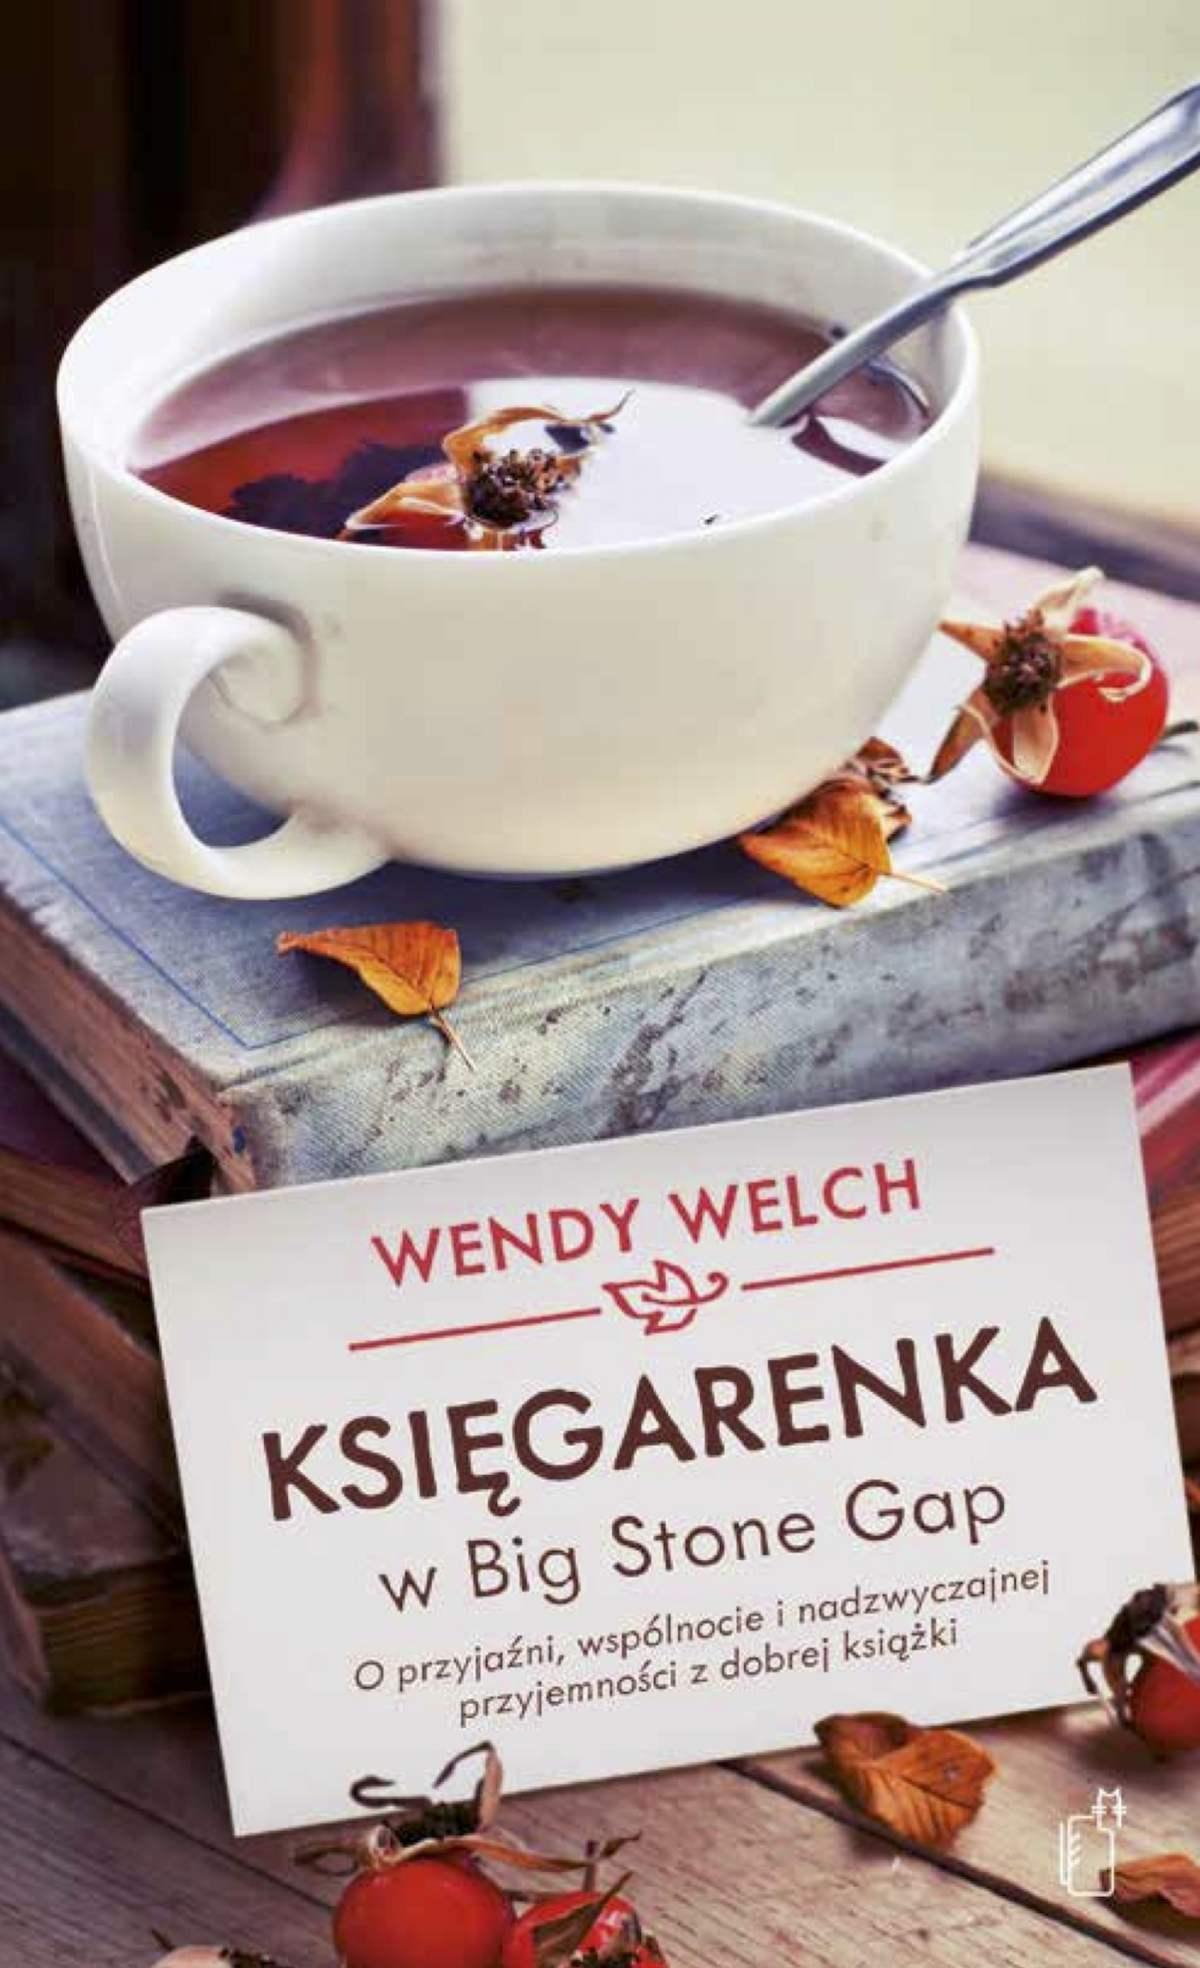 Księgarenka w Big Stone Gap - Ebook (Książka EPUB) do pobrania w formacie EPUB